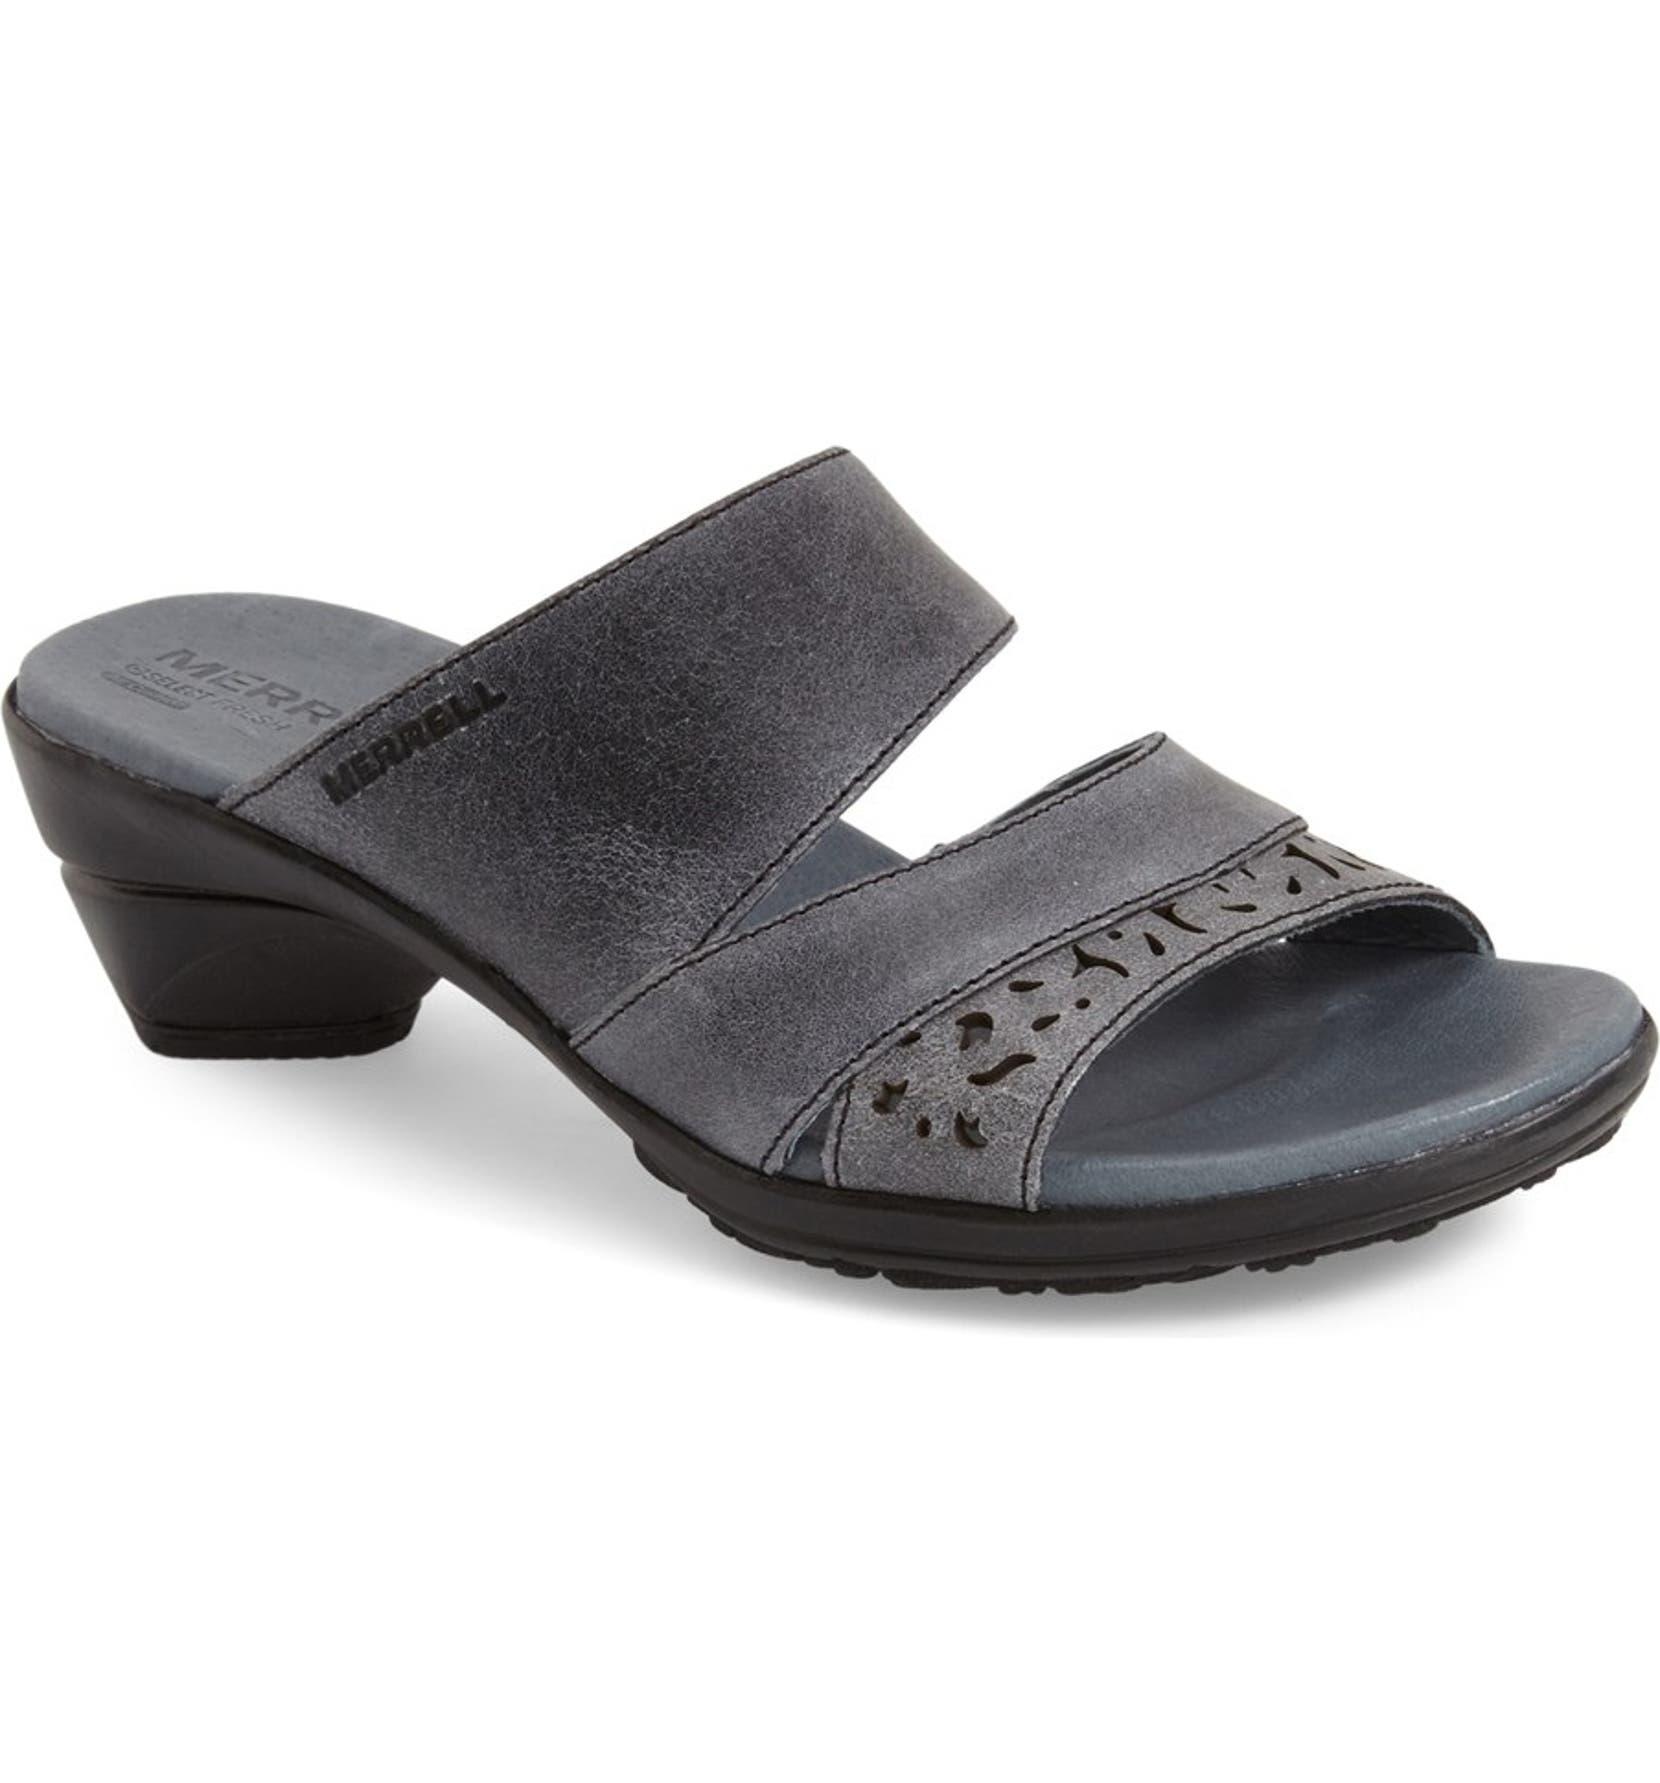 e2a9174eee81 Merrell  Veranda Eve  Perforated Slide Sandal (Women)